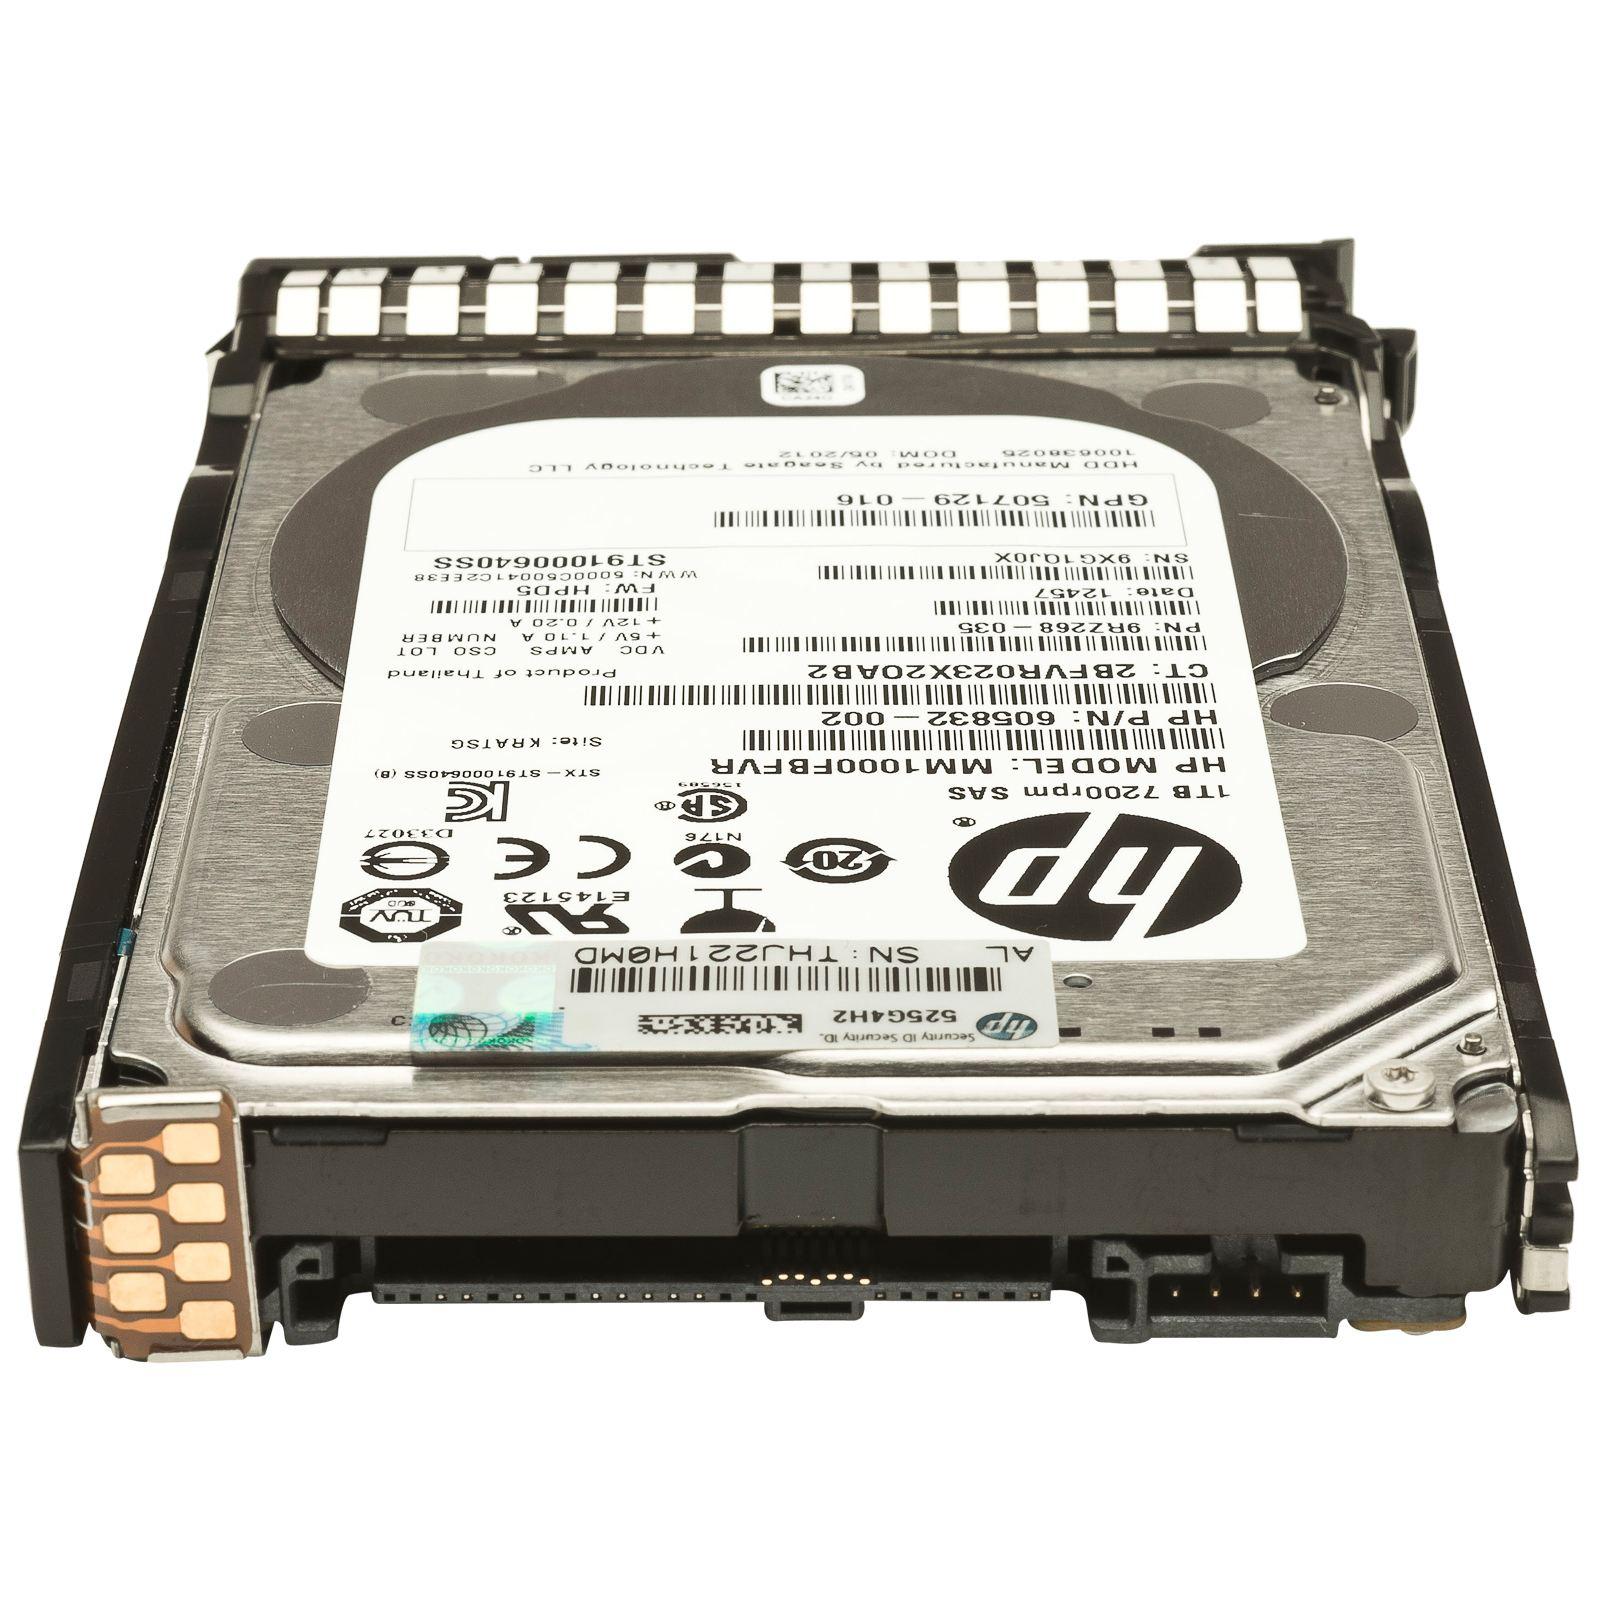 Жесткий диск для сервера HP 2TB (658079-B21) изображение 2